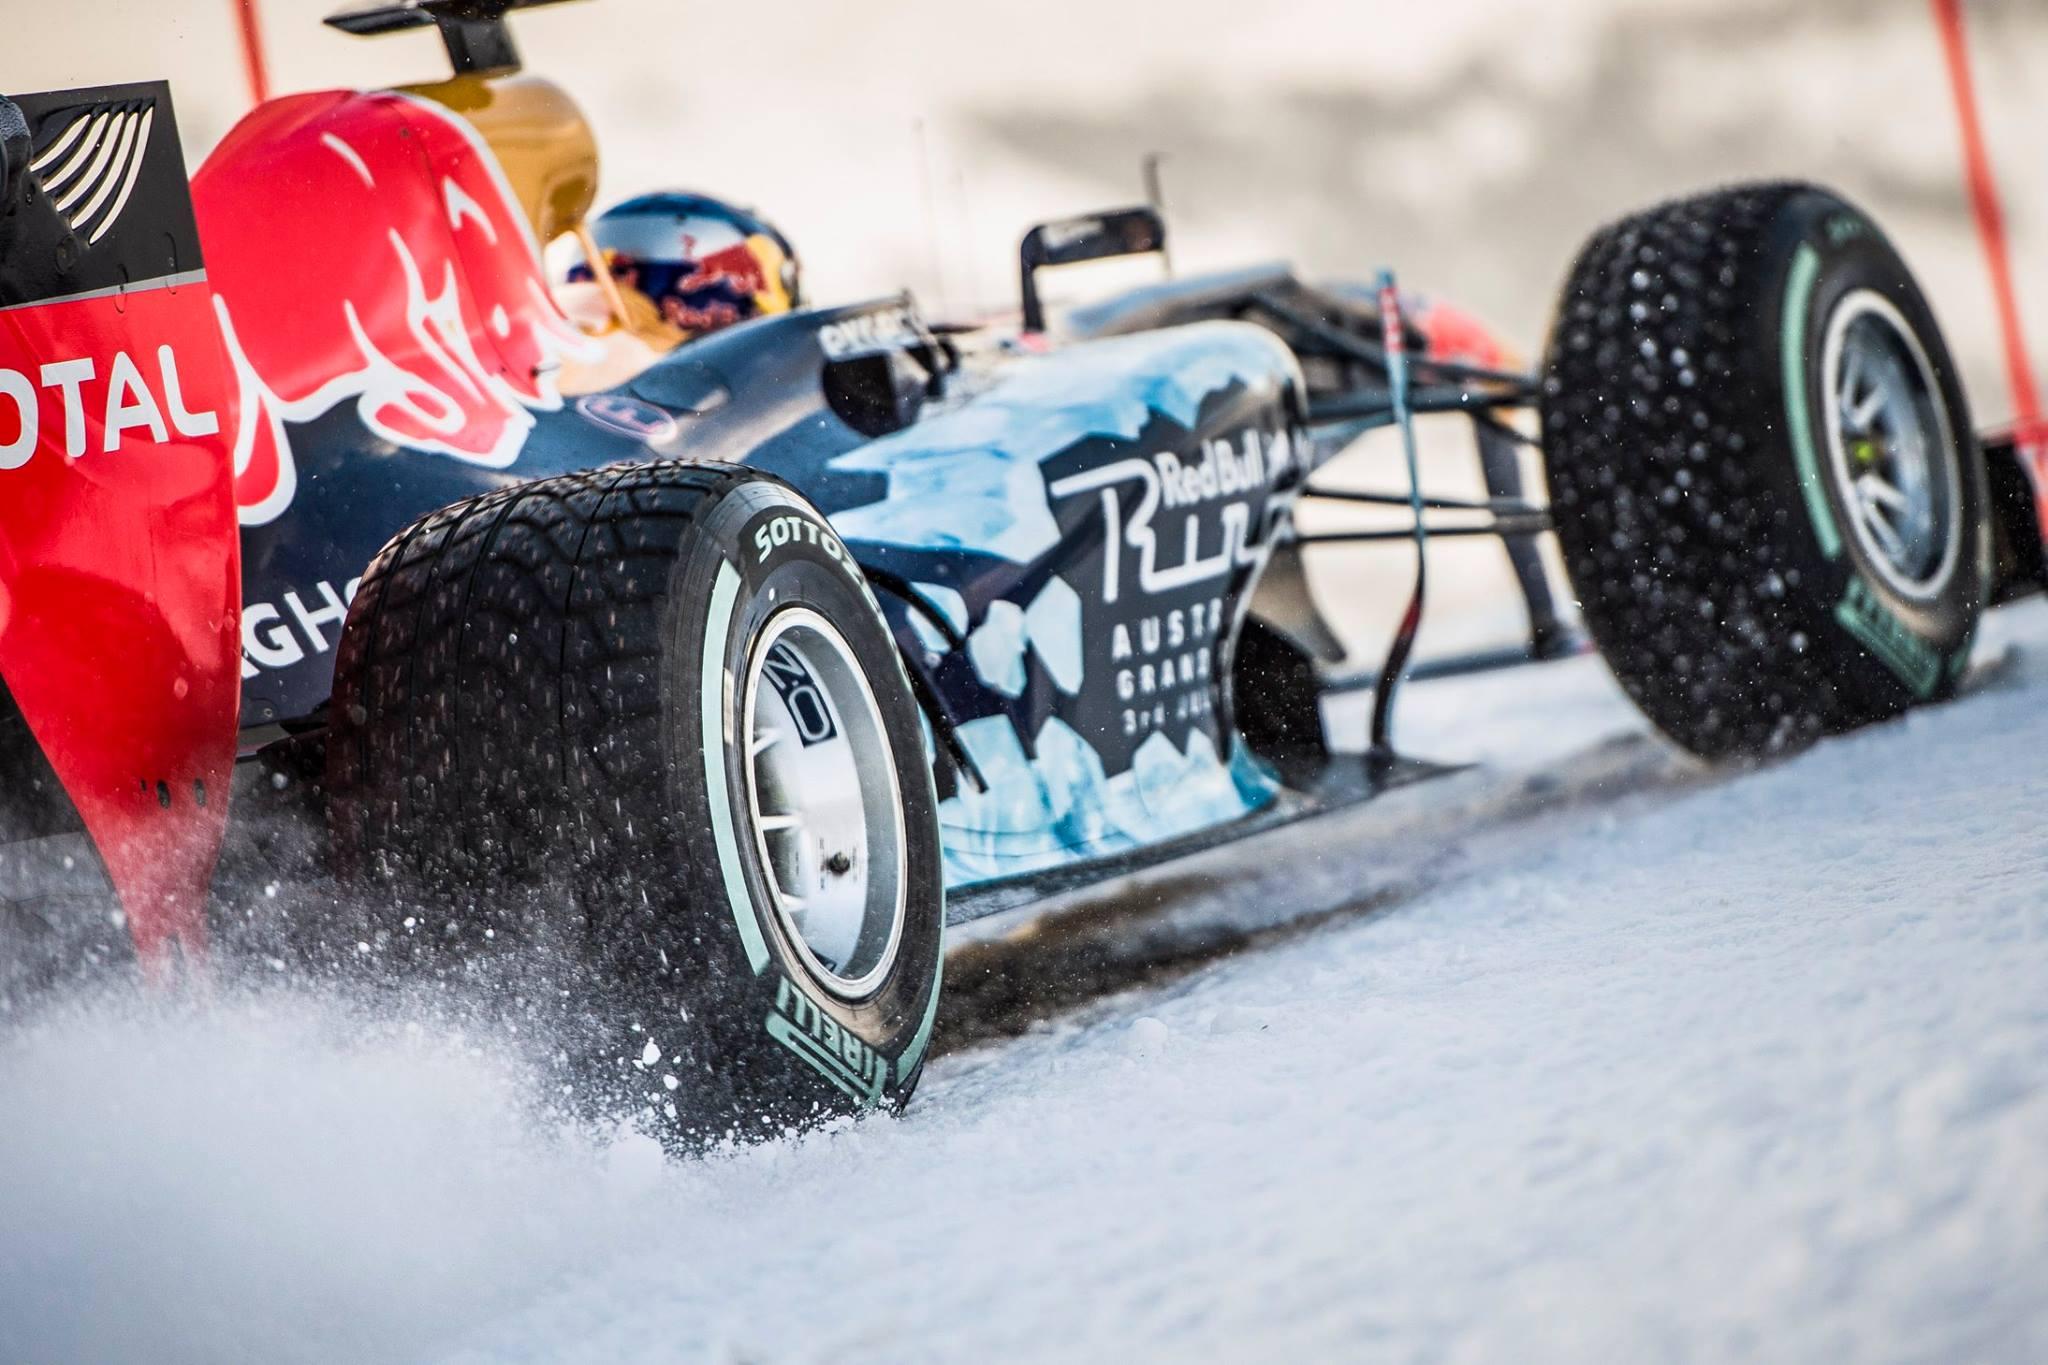 Képgaléria Max Verstappen első F1-es havas száguldásáról: szöges gumik a Red Bullon